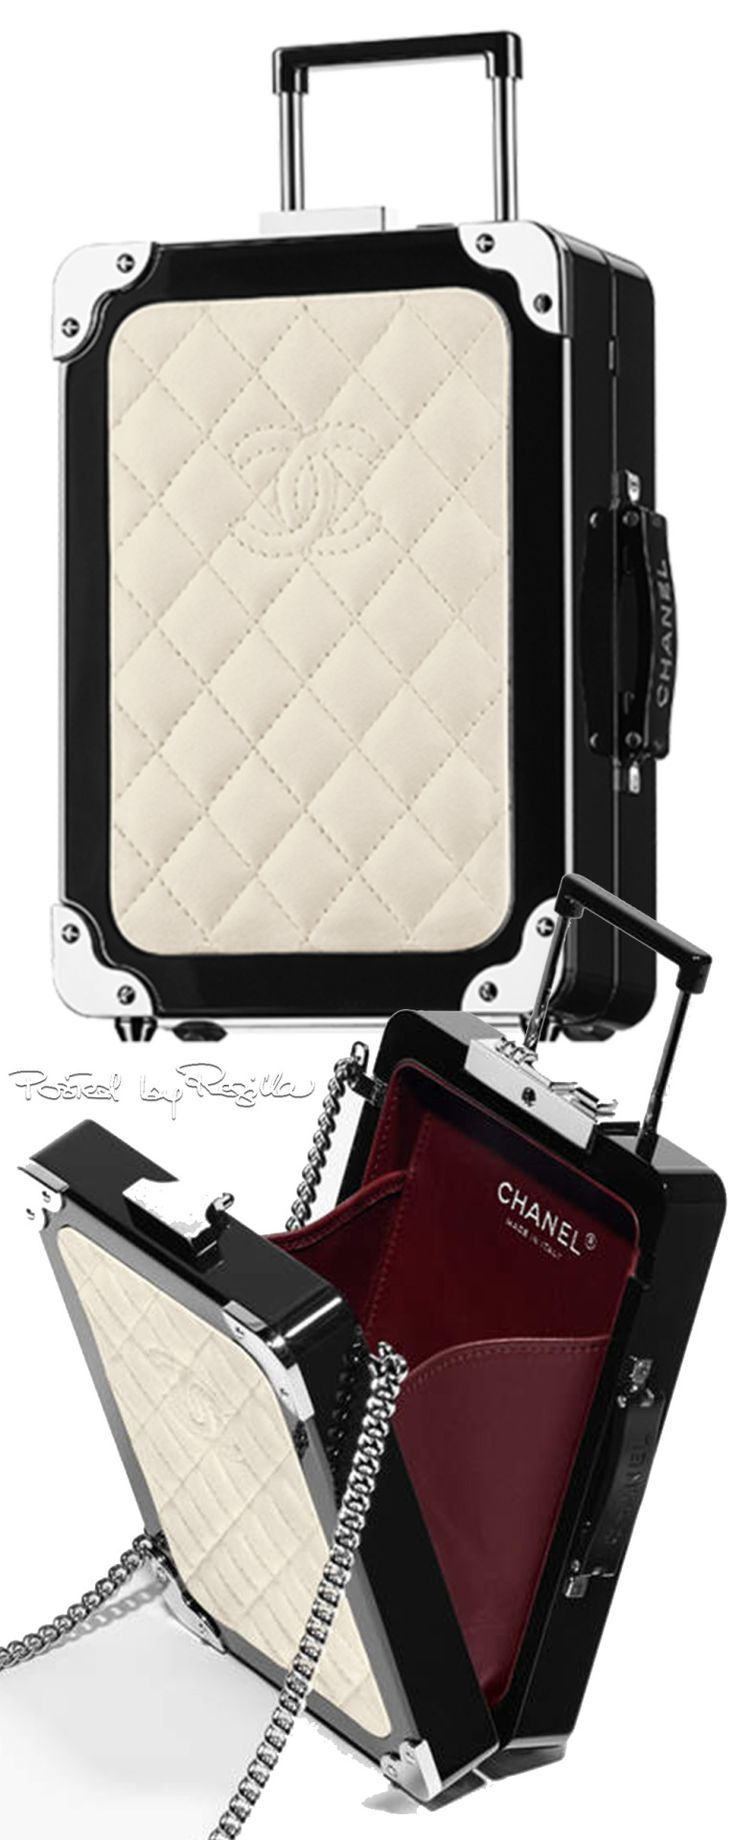 Regilla ⚜ Chanel. http://profile.empowr.com/Profile/NewCustomProfile.aspx?u=BarbaraDelorisWalker